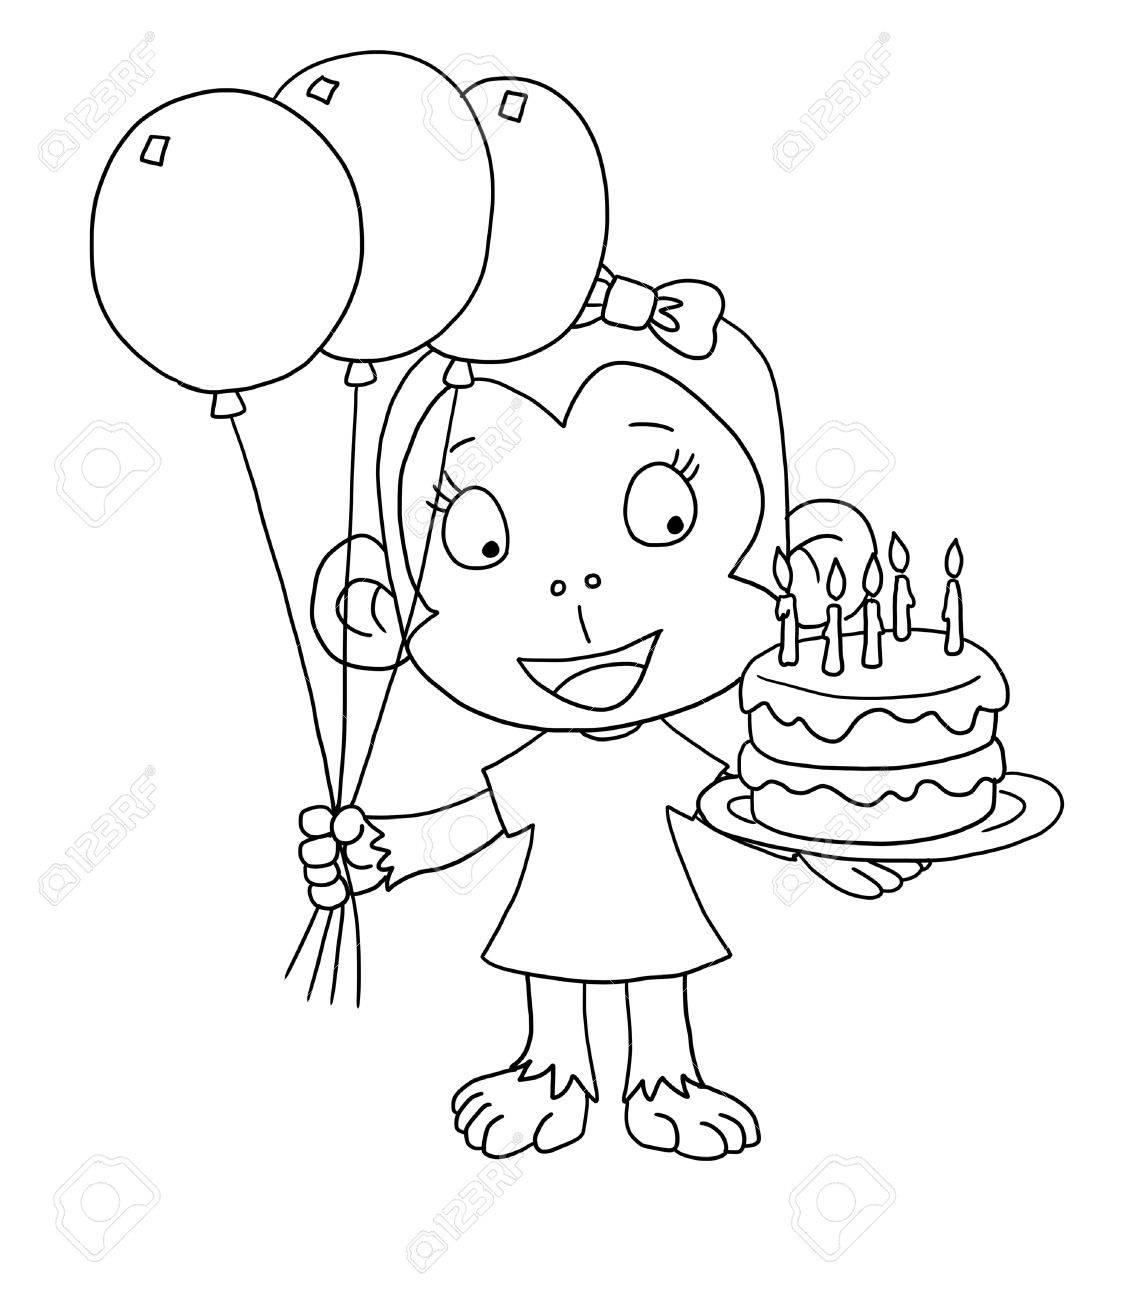 Mono Feliz Cumpleaños Dibujo Para Colorear Fotos Retratos